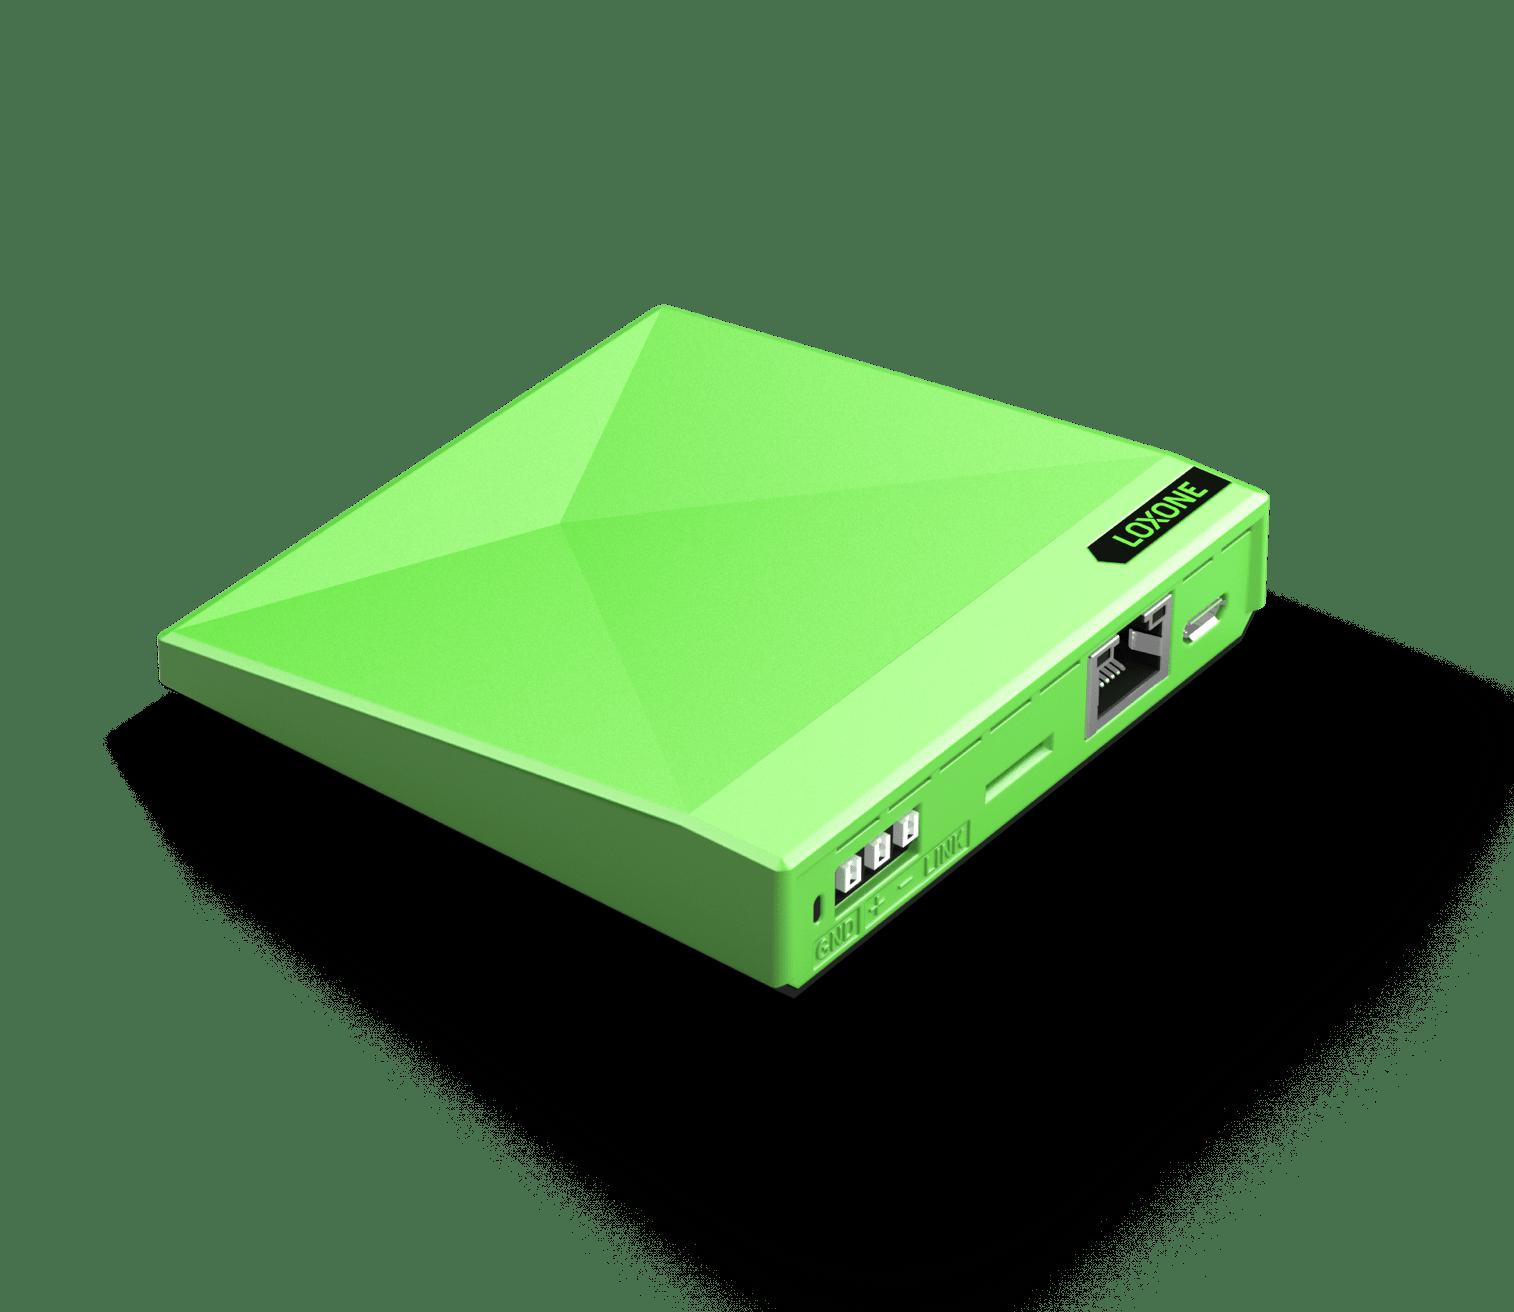 Miniserver Go